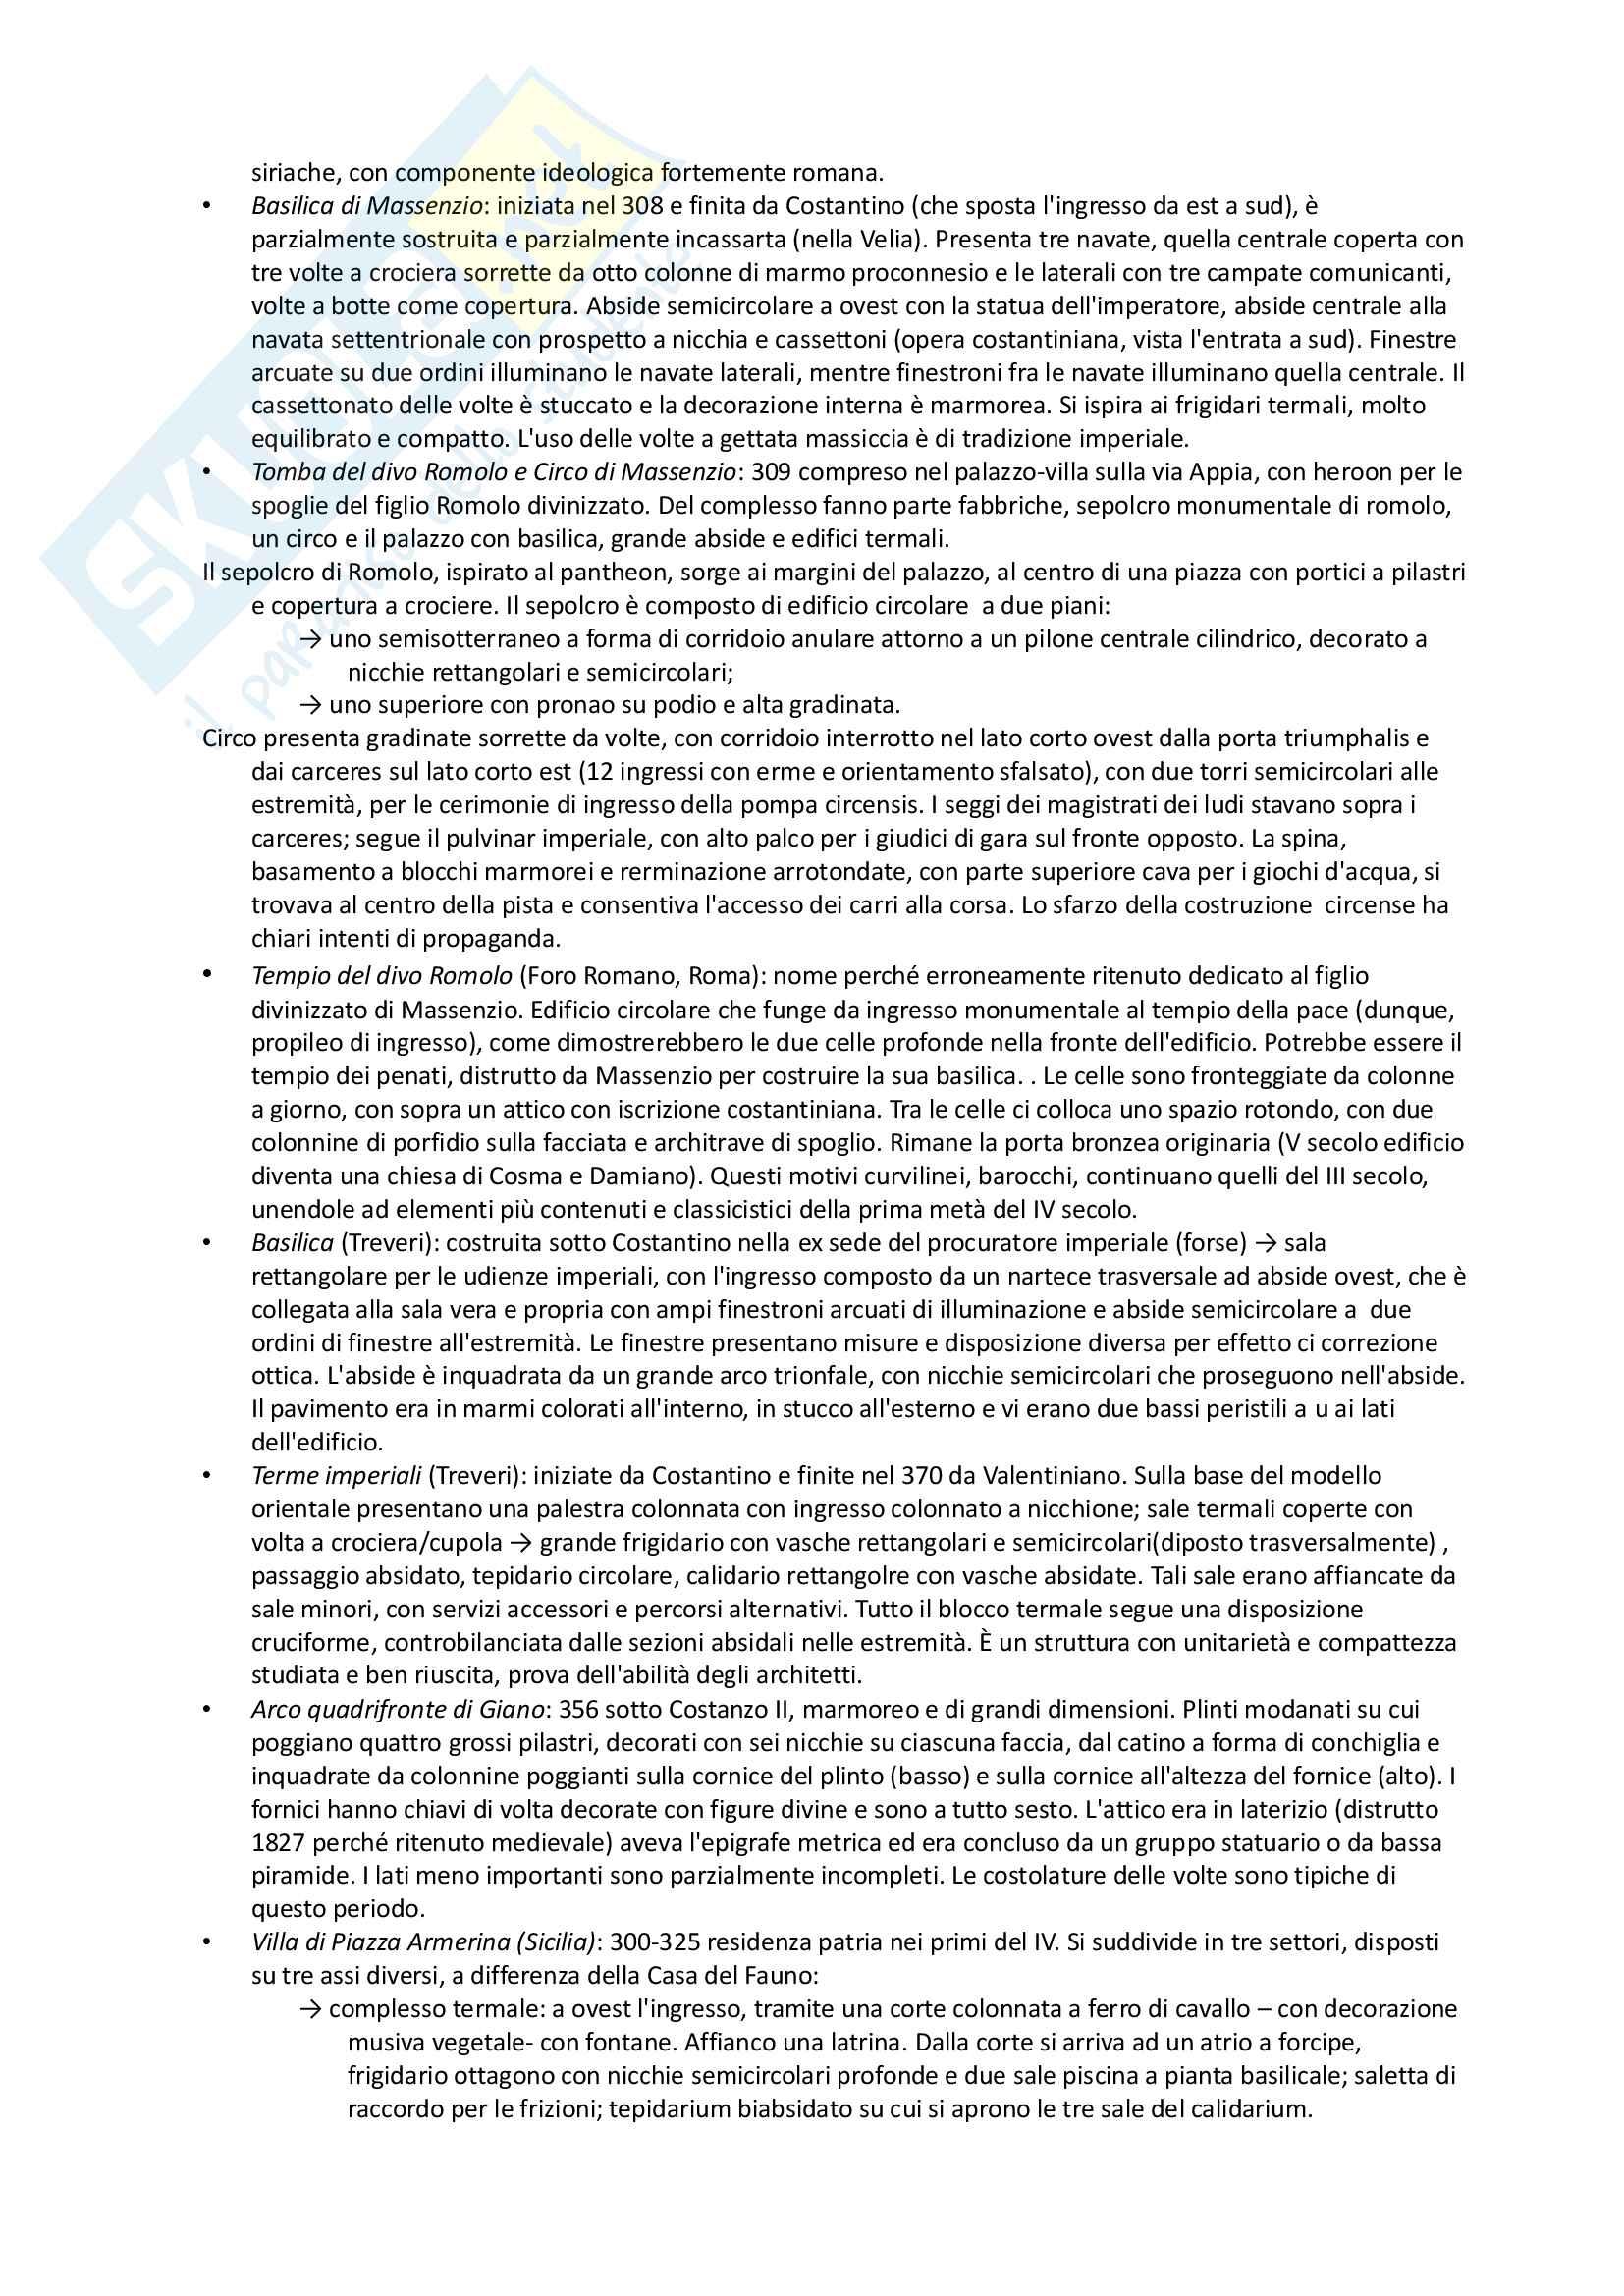 Riassunto esame archeologia romana, prof. Angiolillo, testo consigliato L'Arte dell'Antichità Classica (Etruria Roma) di Bianchi Bandinelli, Torelli Pag. 41